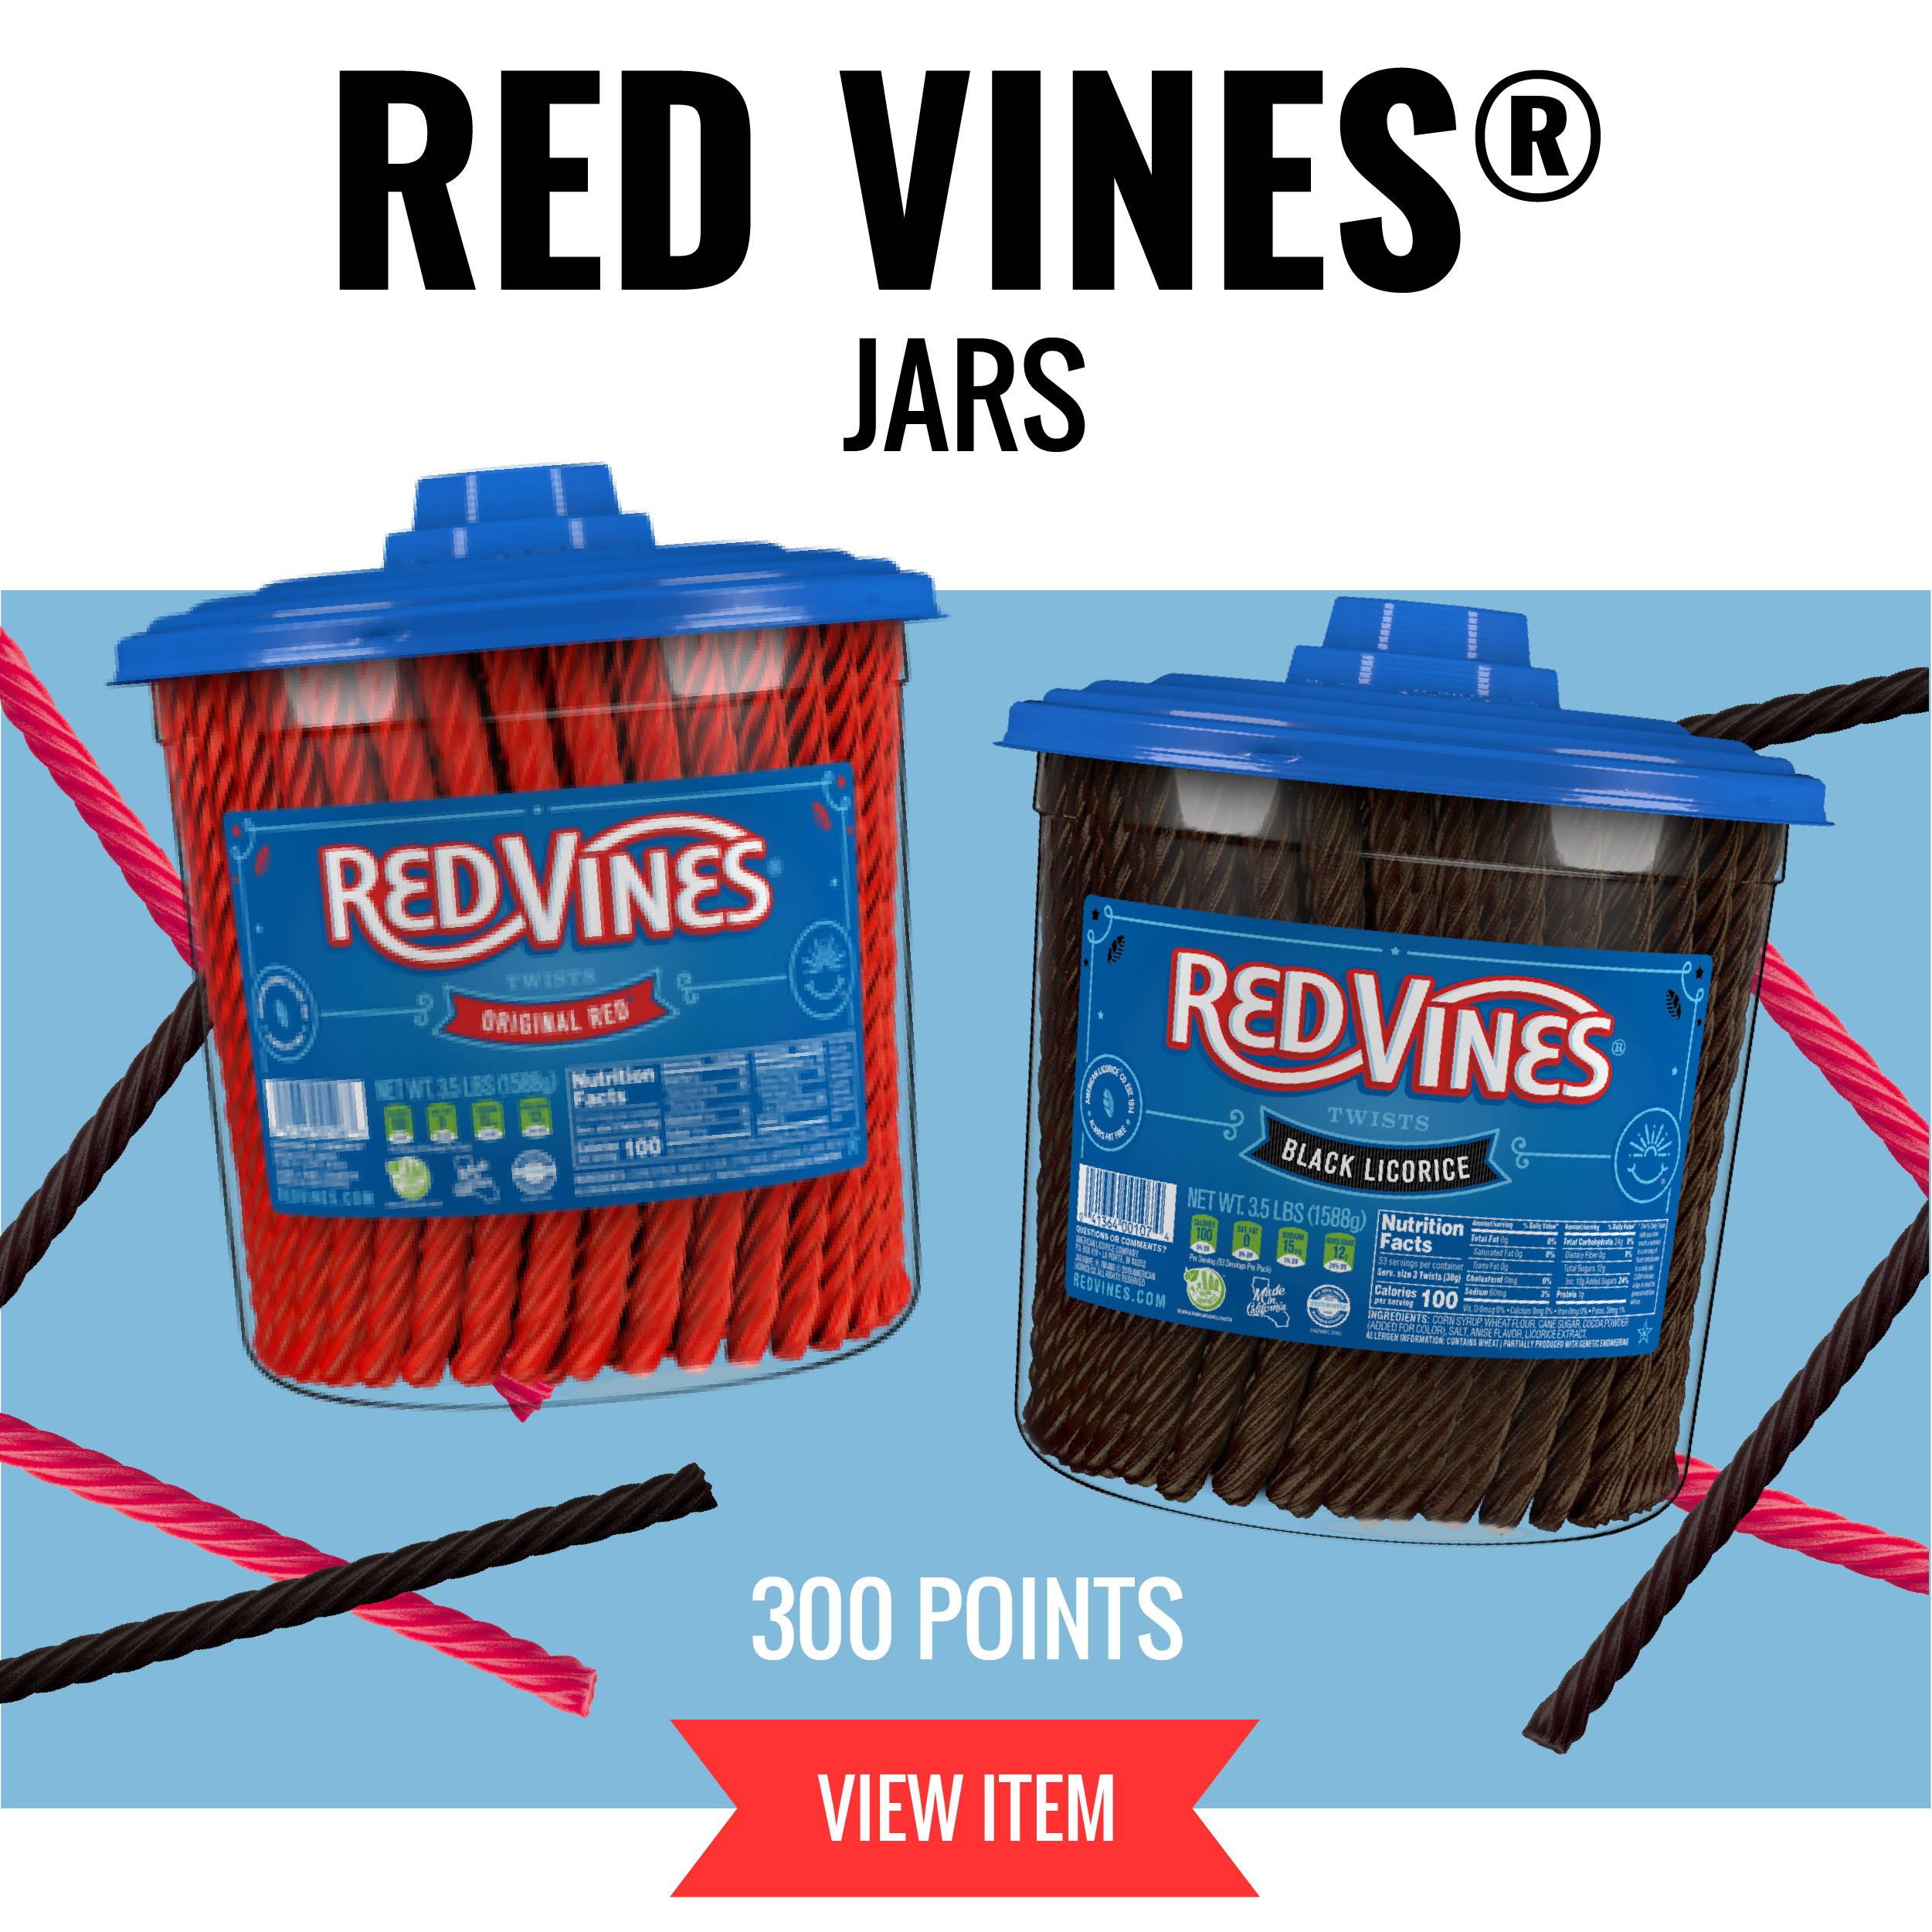 Red Vines Jars